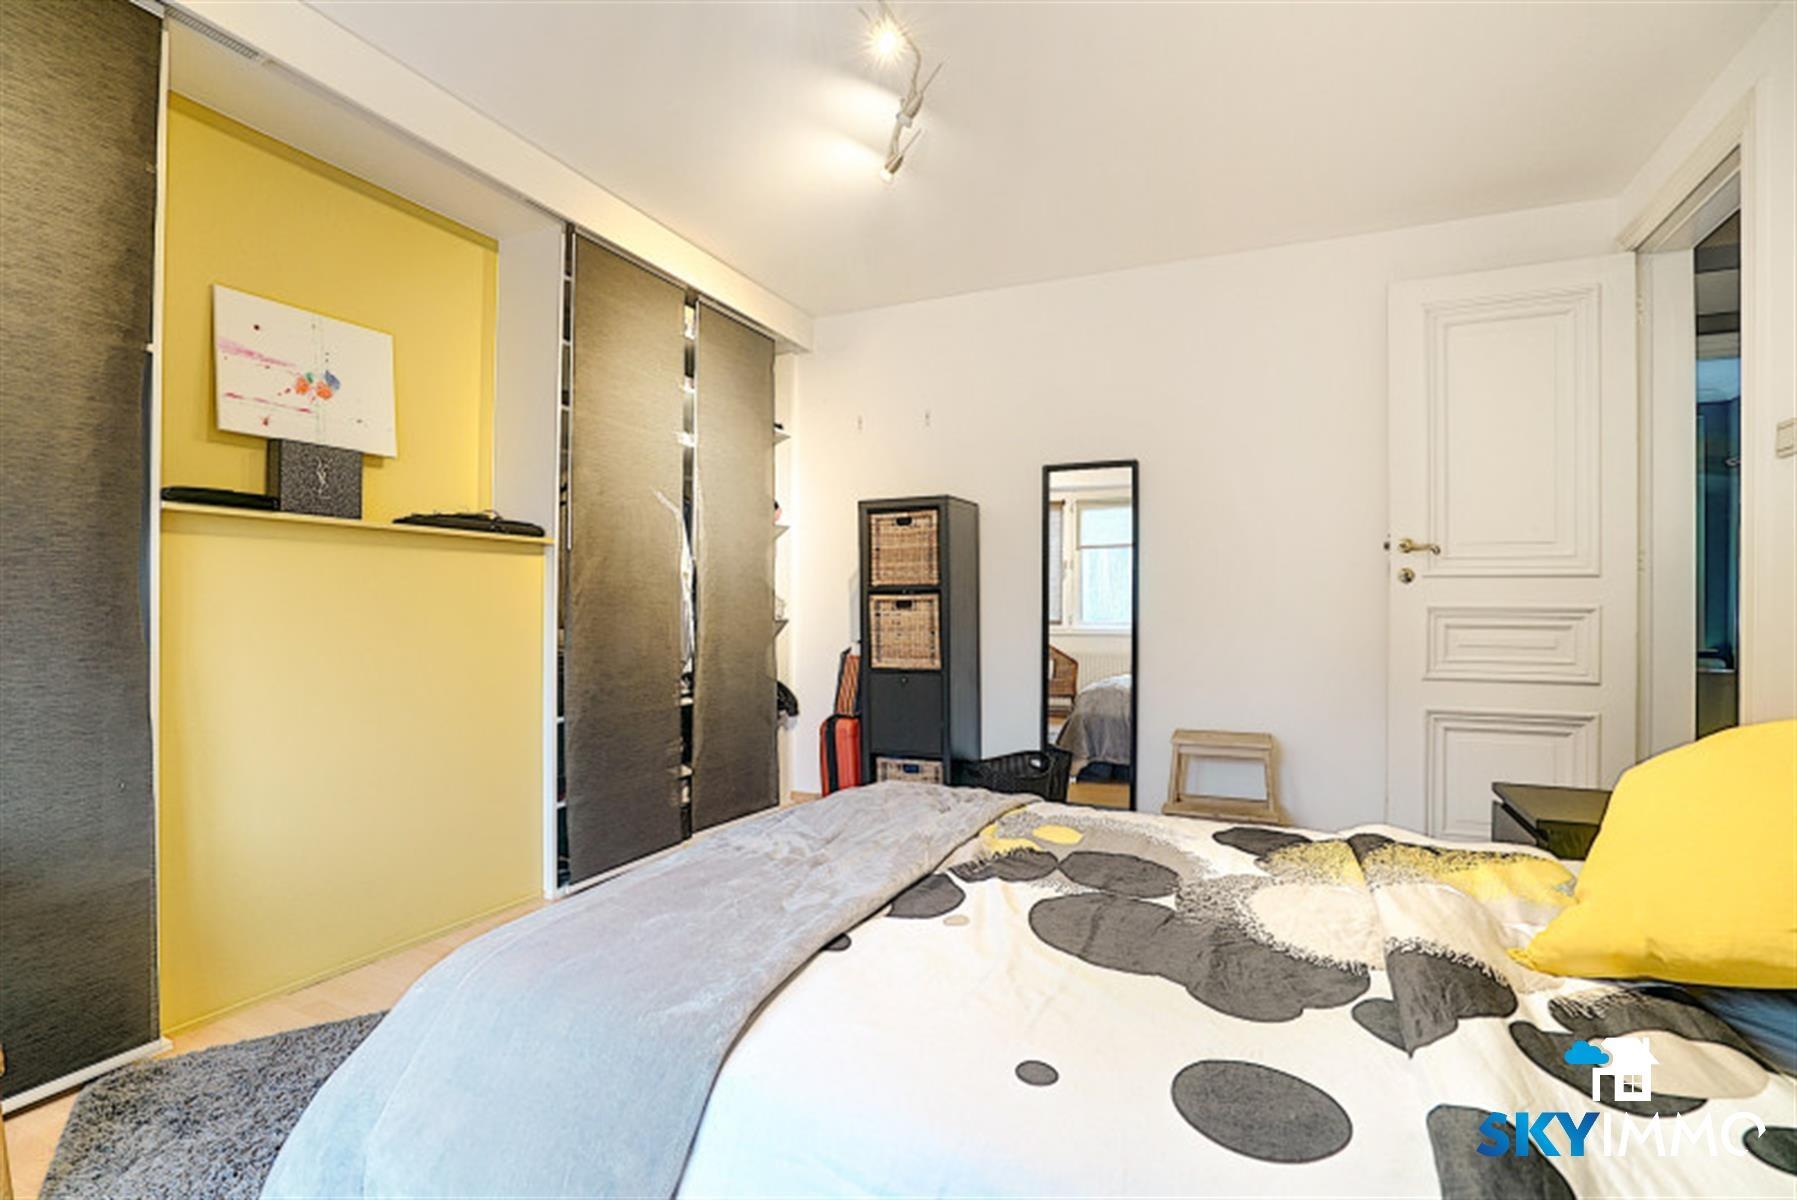 Maison - Liège - #4262984-47